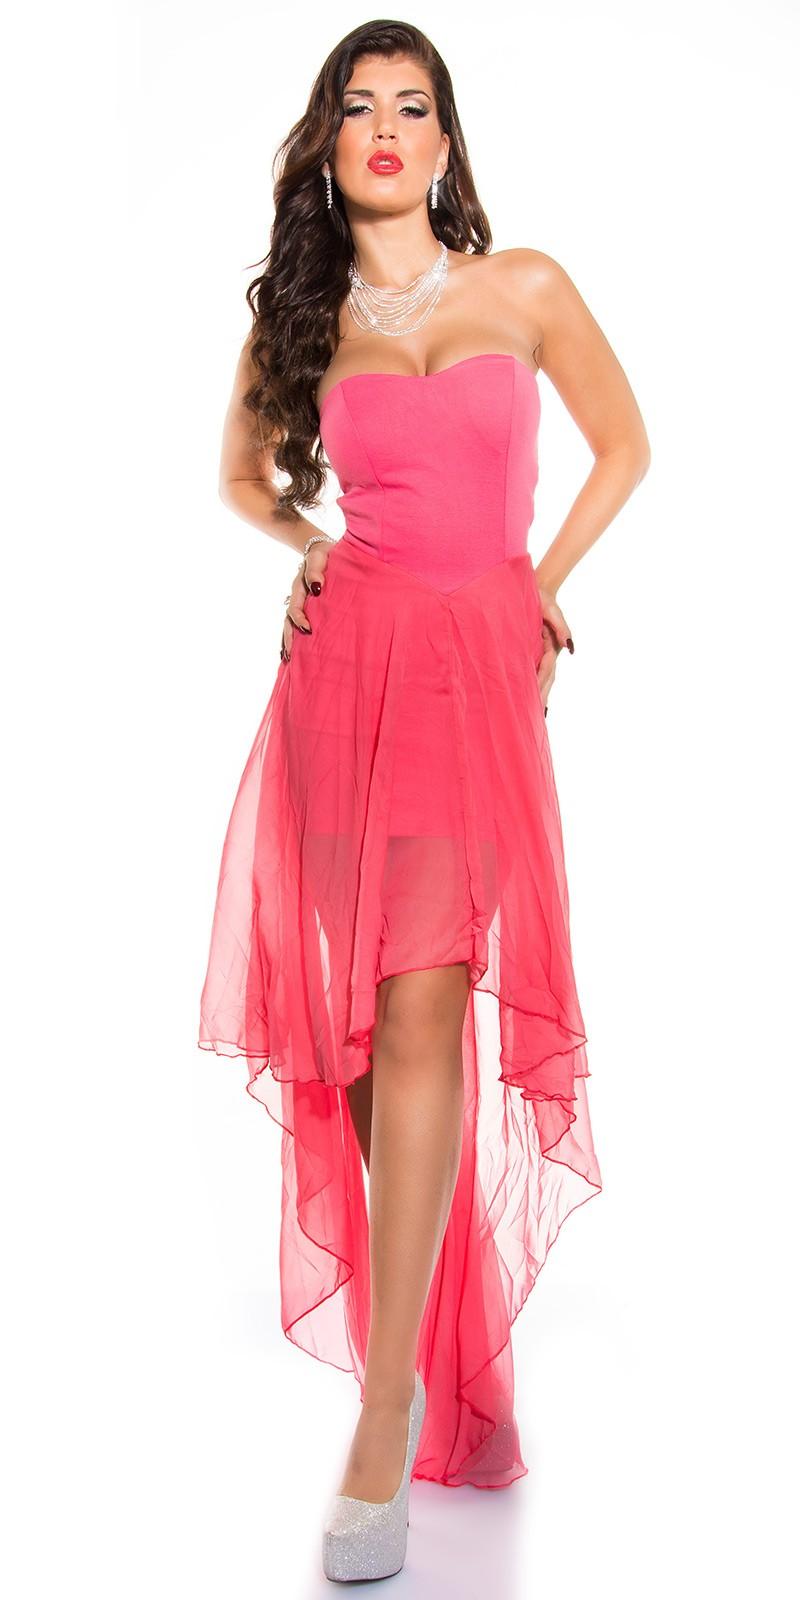 5cd609edae Muszlin szoknyás elöl rövid hátul hosszú női alkalmi ruha - Korall (S/M,.  Az Ön értékelése: